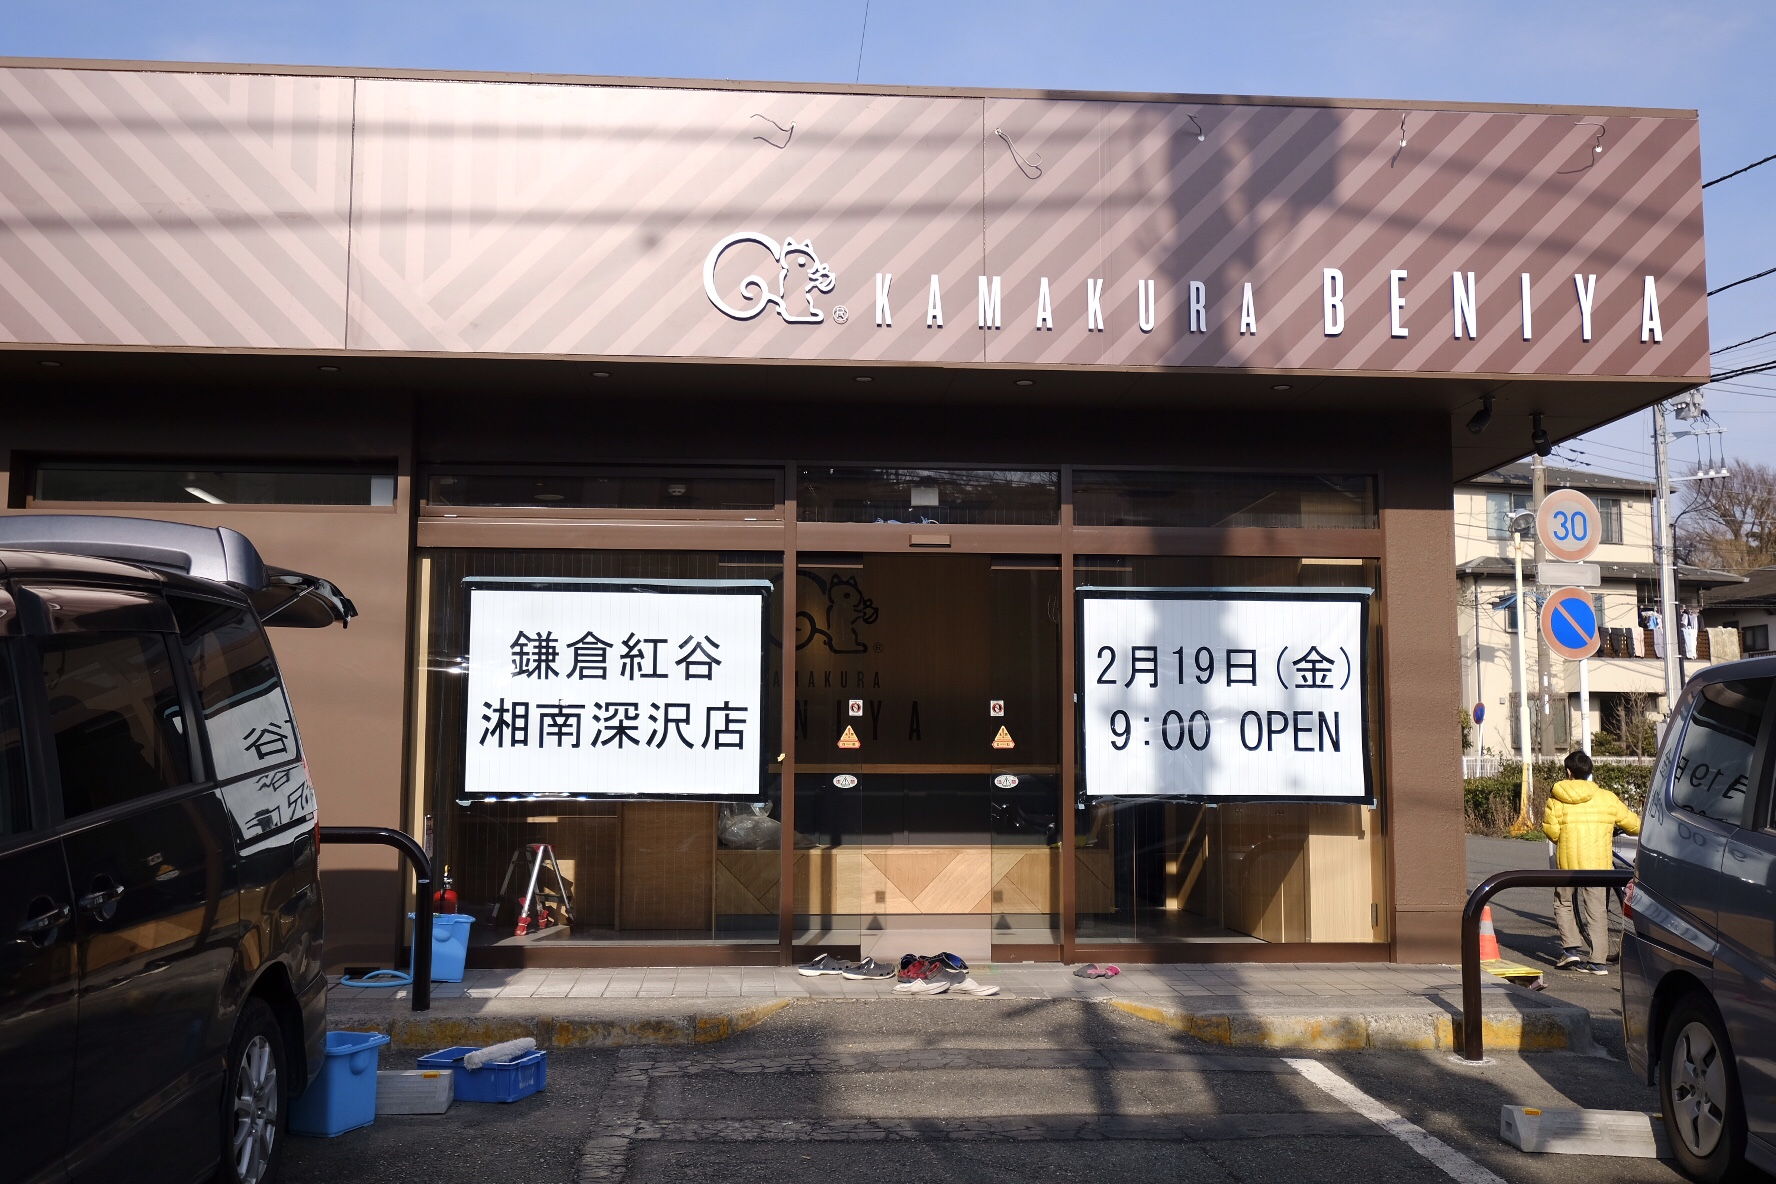 鎌倉紅谷湘南深沢店の外観写真